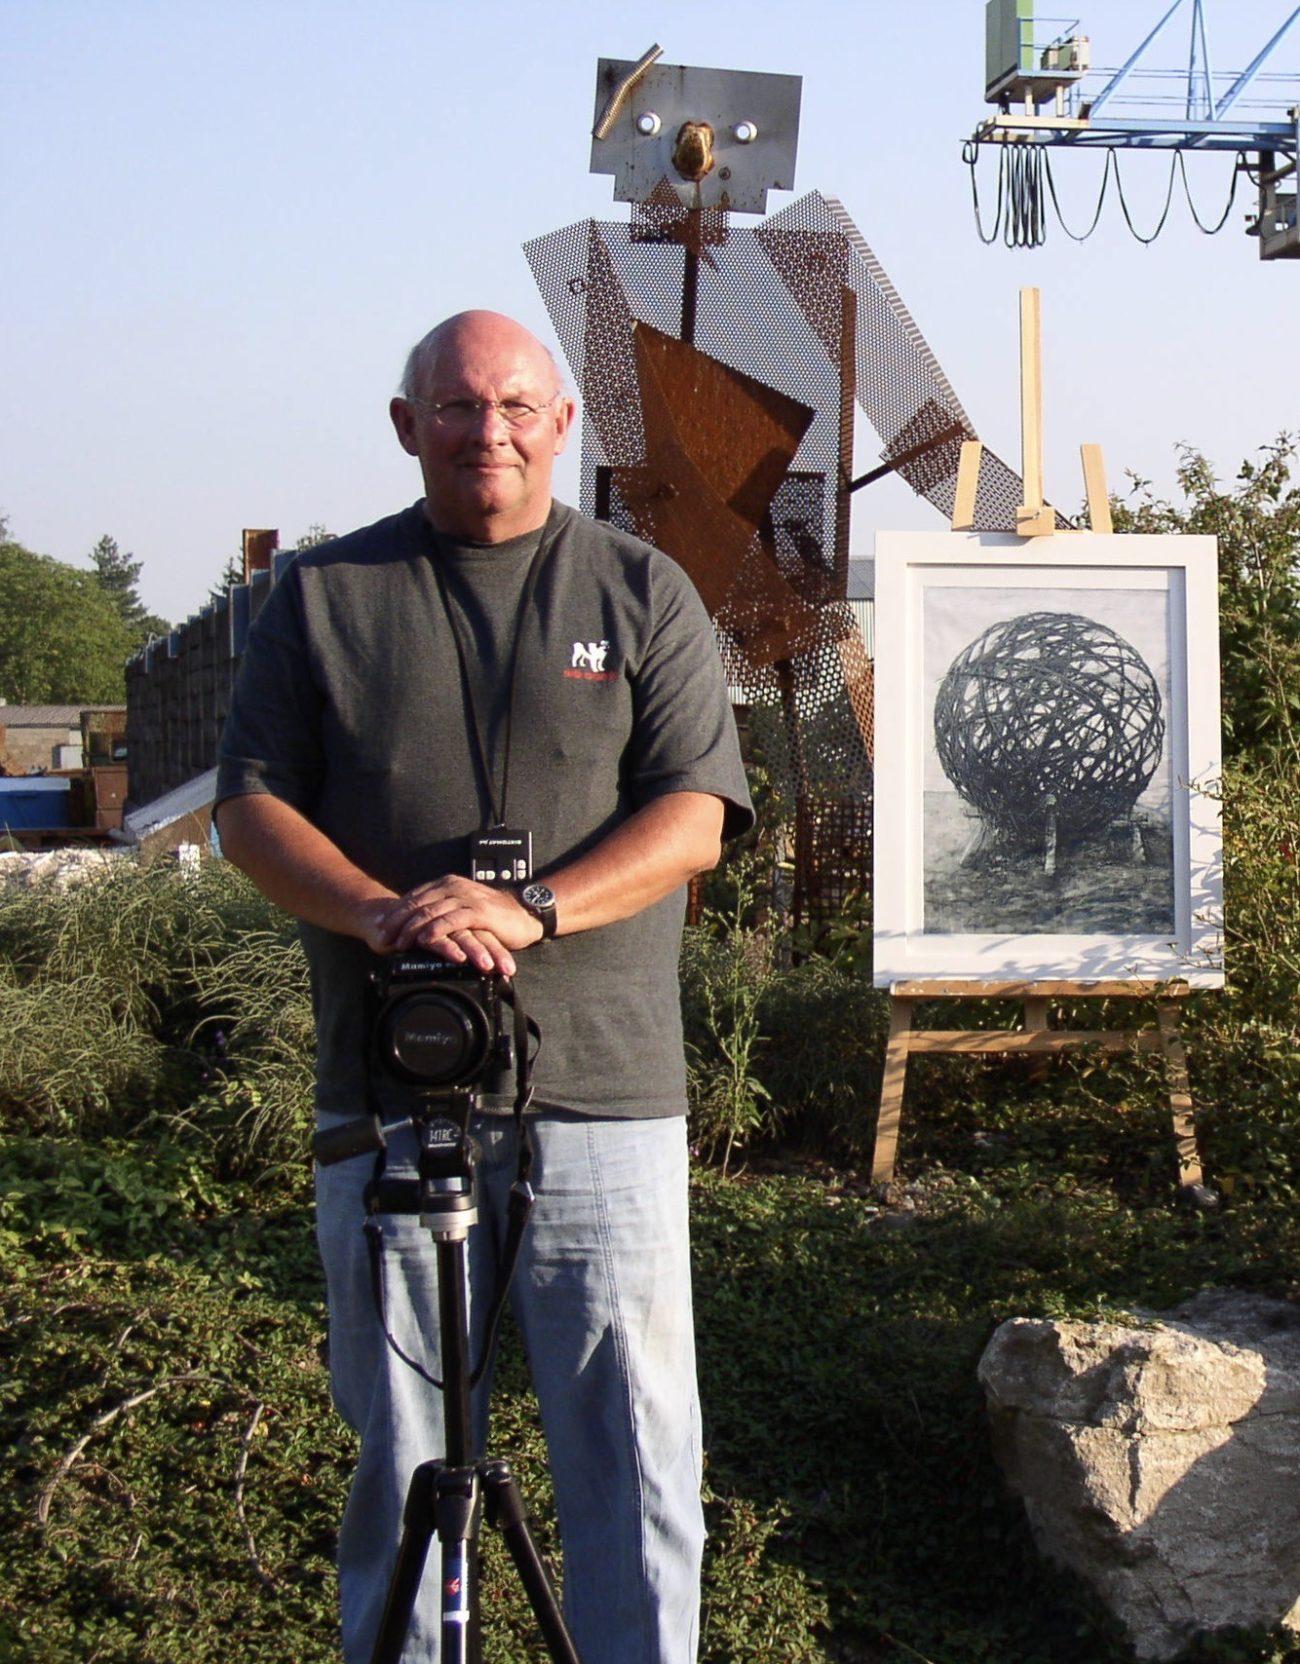 Nik Schyra Eventmanager und Ideengeber